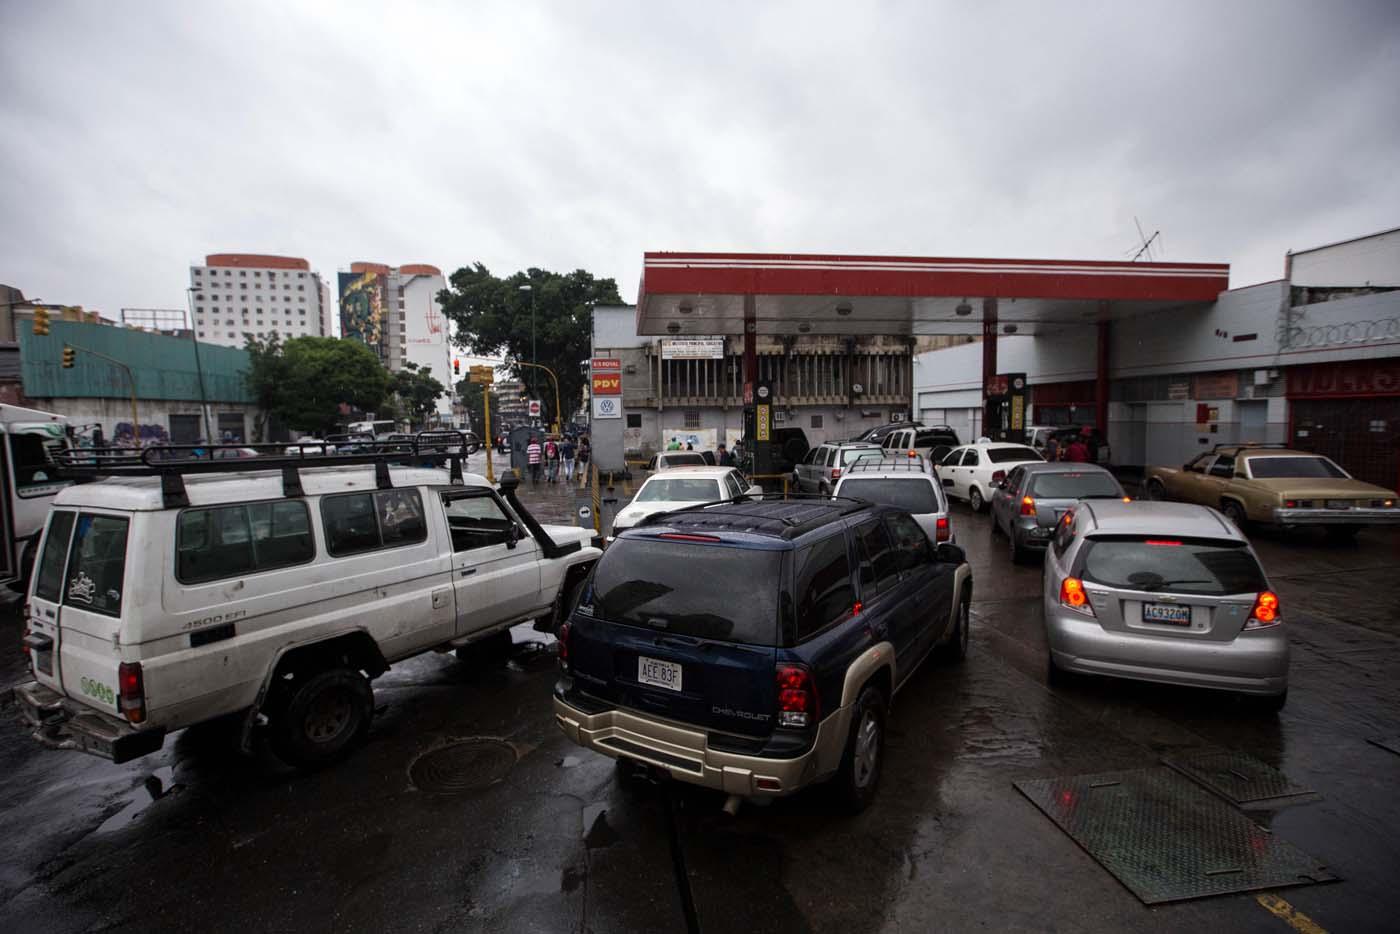 CAR305. CARACAS (VENEZUELA), 24/03/2017.- Fotografía de filas de vehículos para reabastecerse con combustible hoy, viernes 24 de marzo de 2017, en Caracas (Venezuela). Decenas de estaciones de servicio en Venezuela amanecieron hoy con vehículos en cola para abastecerse de gasolina, luego de que la estatal Pdvsa reportara el pasado miércoles un retraso en el transporte de combustible y se registrasen fallos de suministro en al menos cuatro estados centrales. EFE/CRISTIAN HERNÁNDEZ